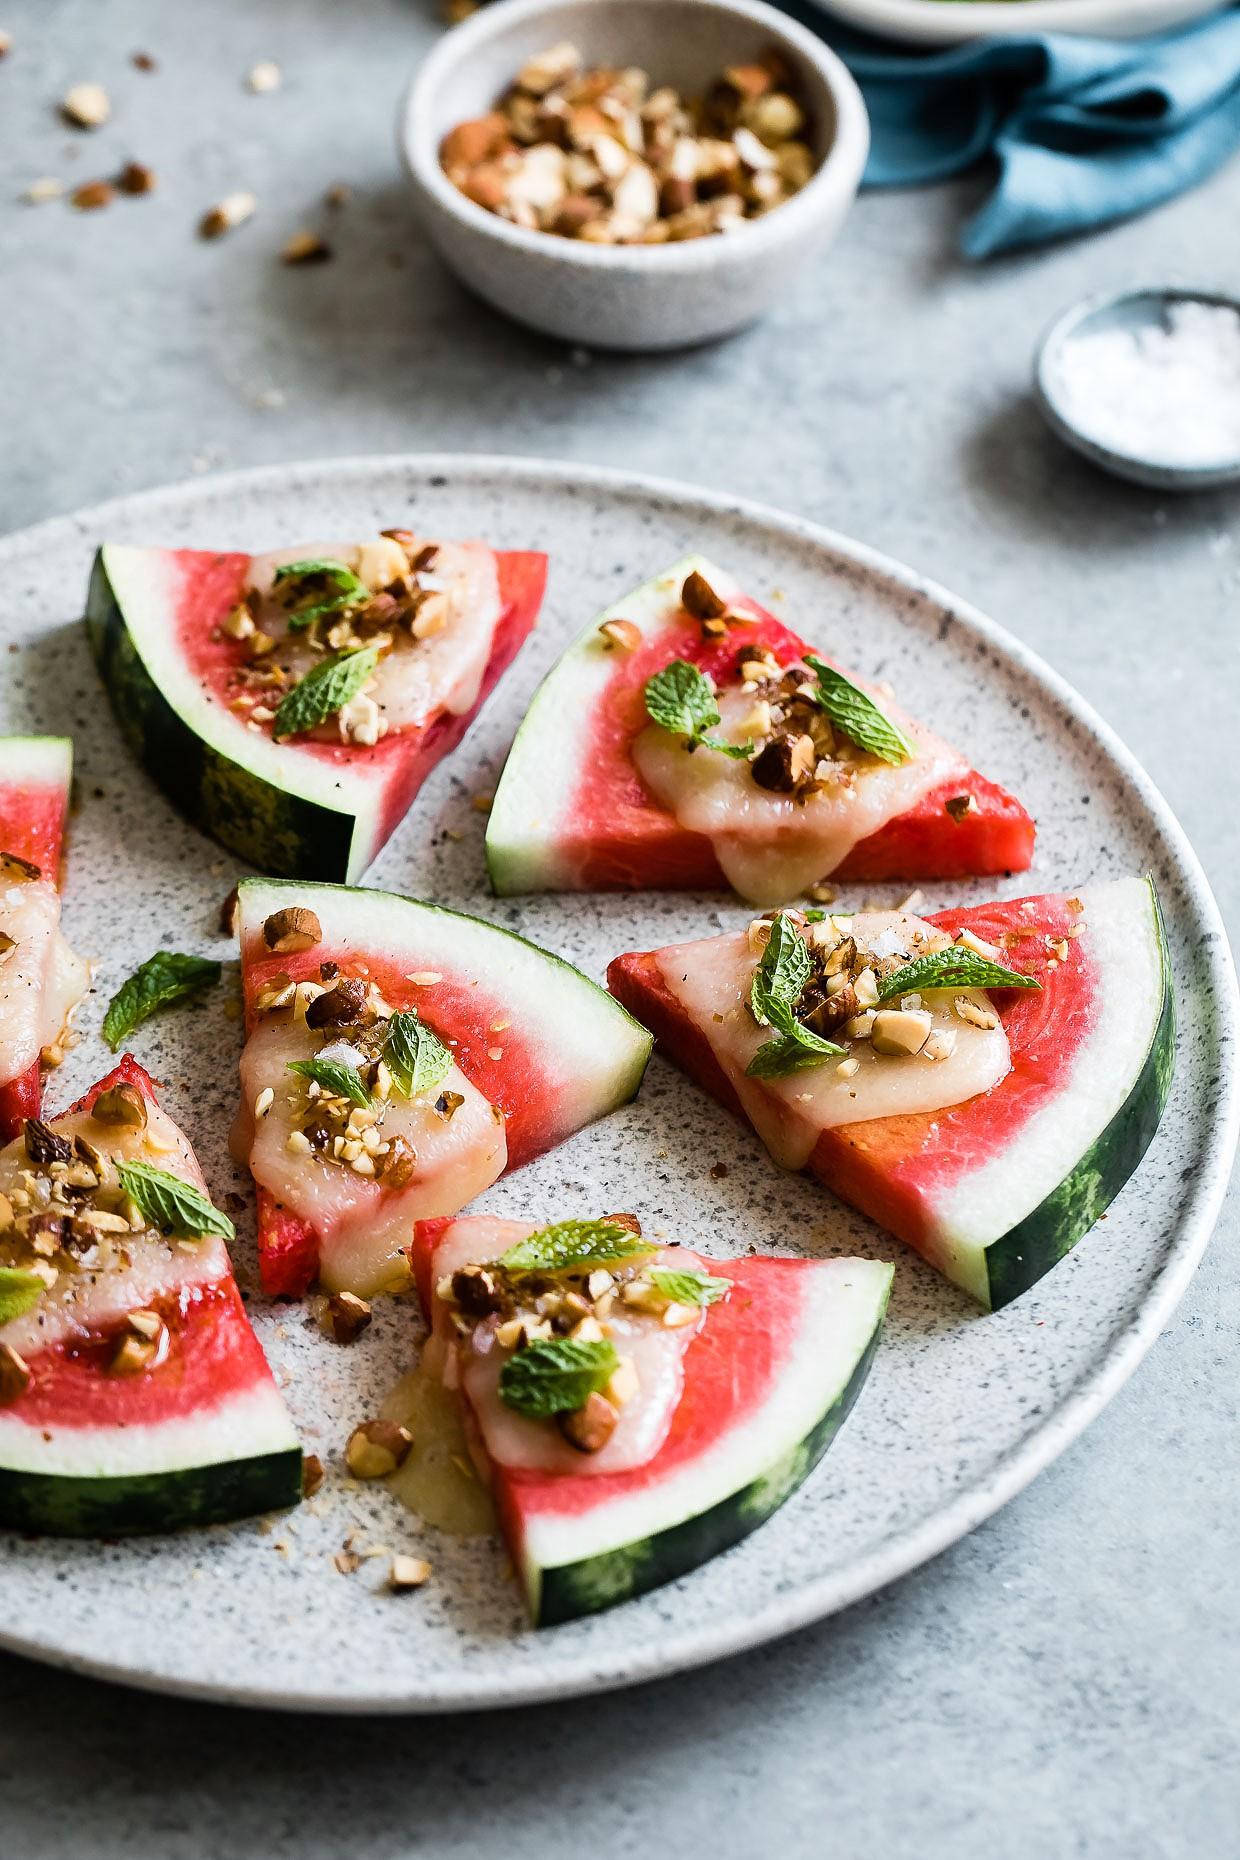 Charred-Watermelon-Cheese-Wedges-8.jpg